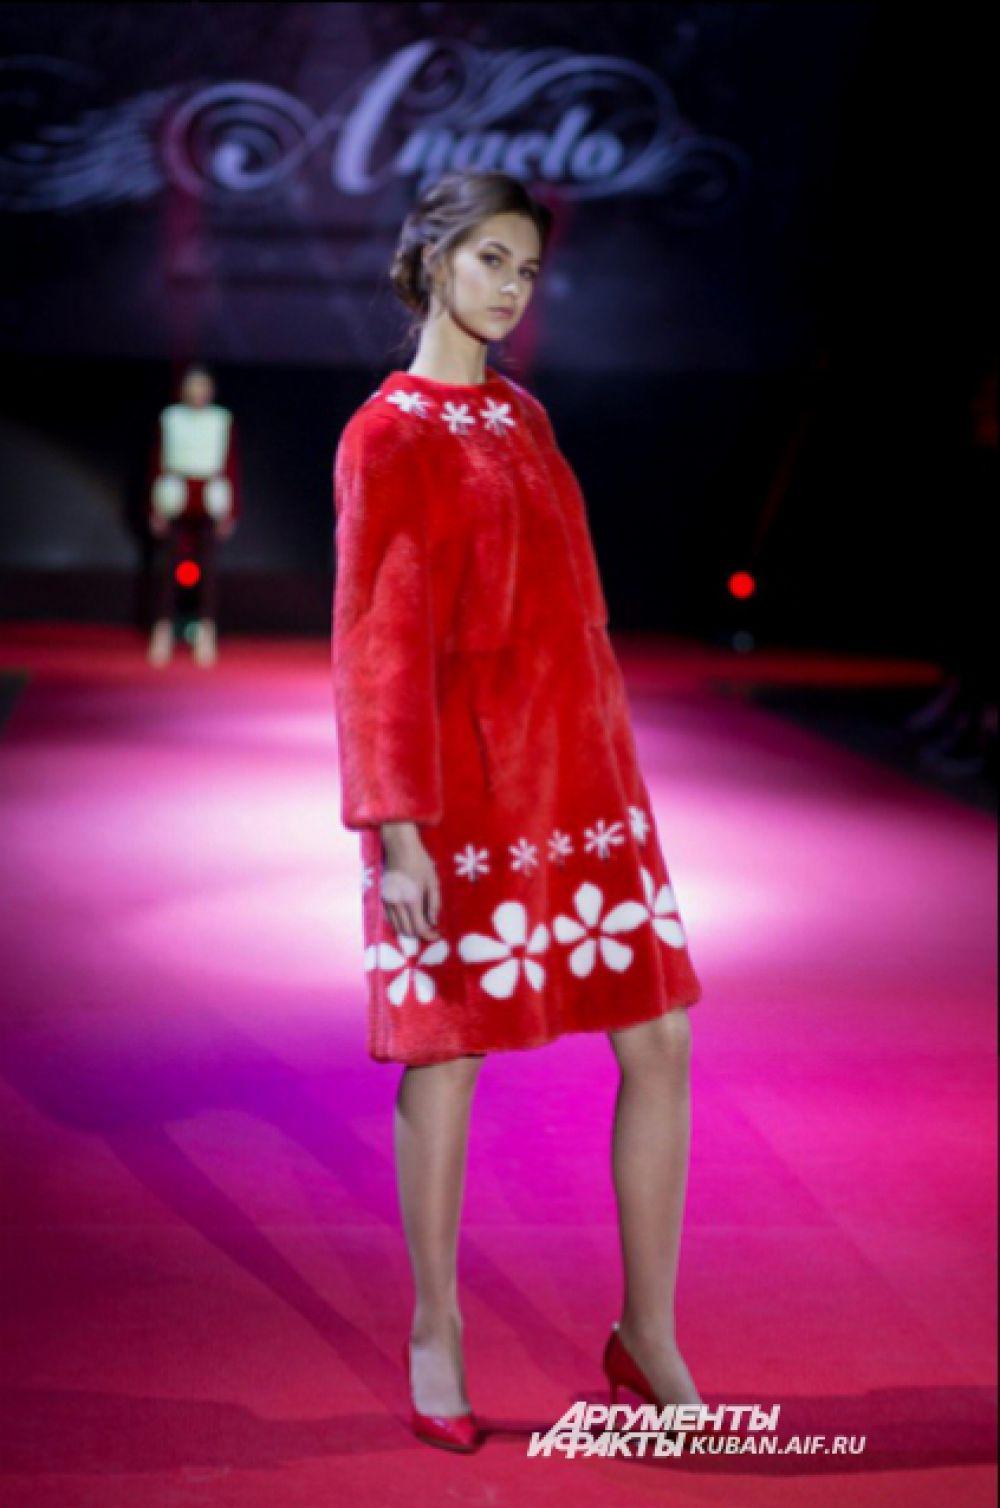 Меха от дизайнера из Лабинска Снежаны Бедусенко.